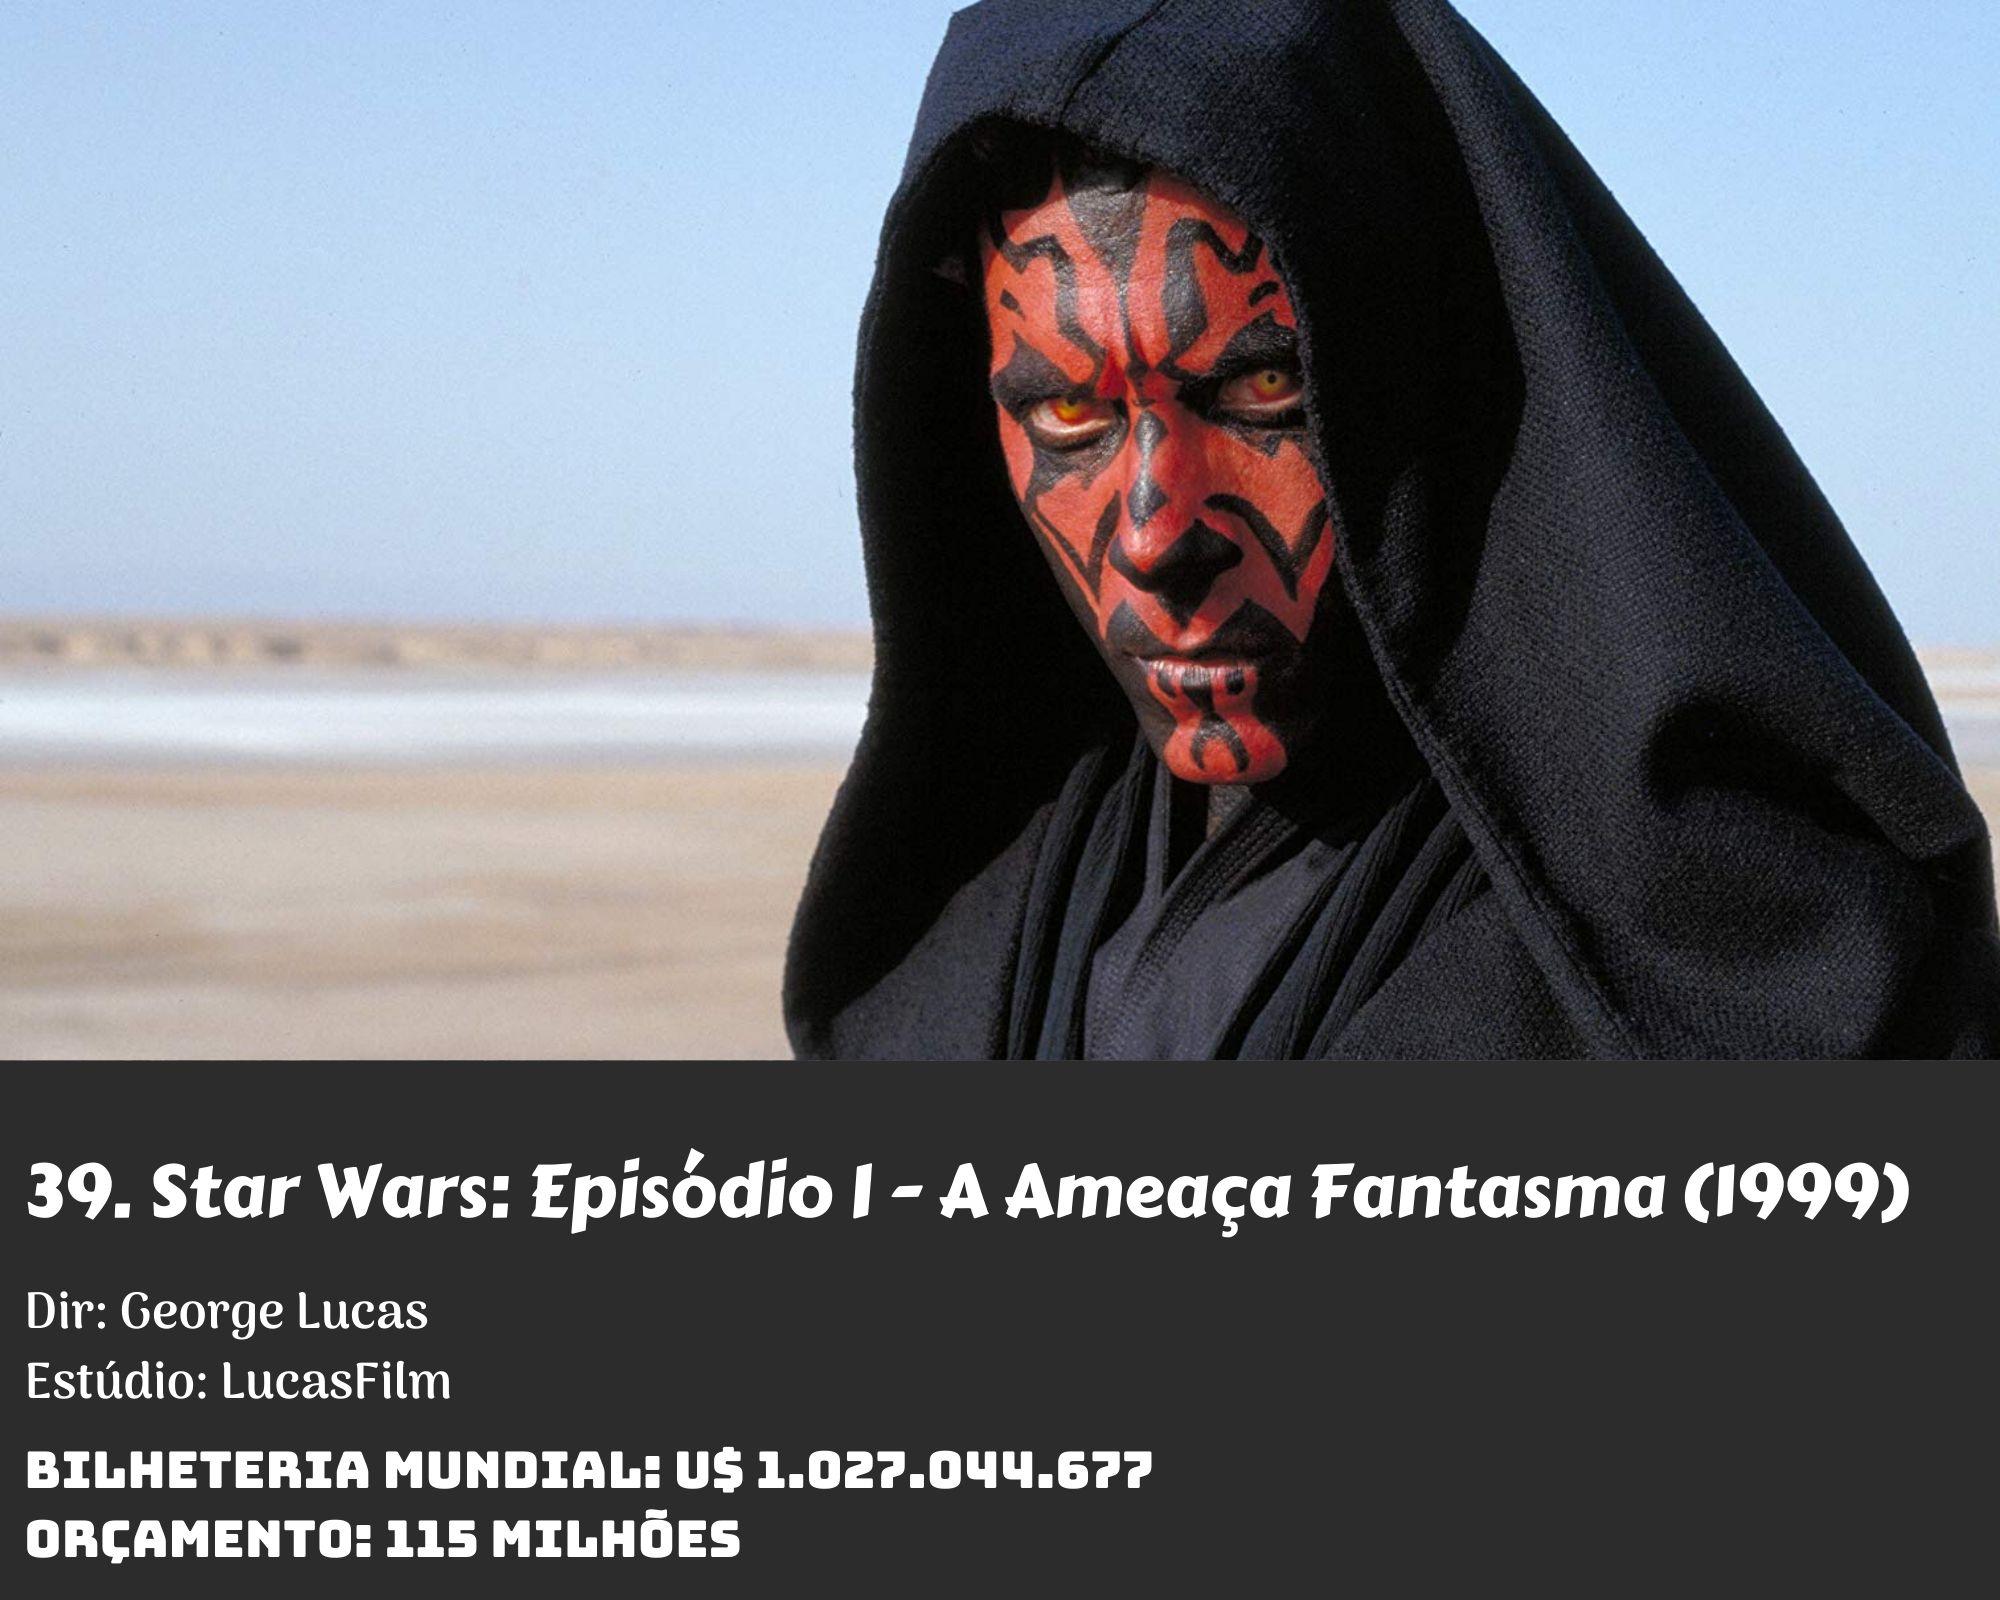 39. Star Wars Episode I